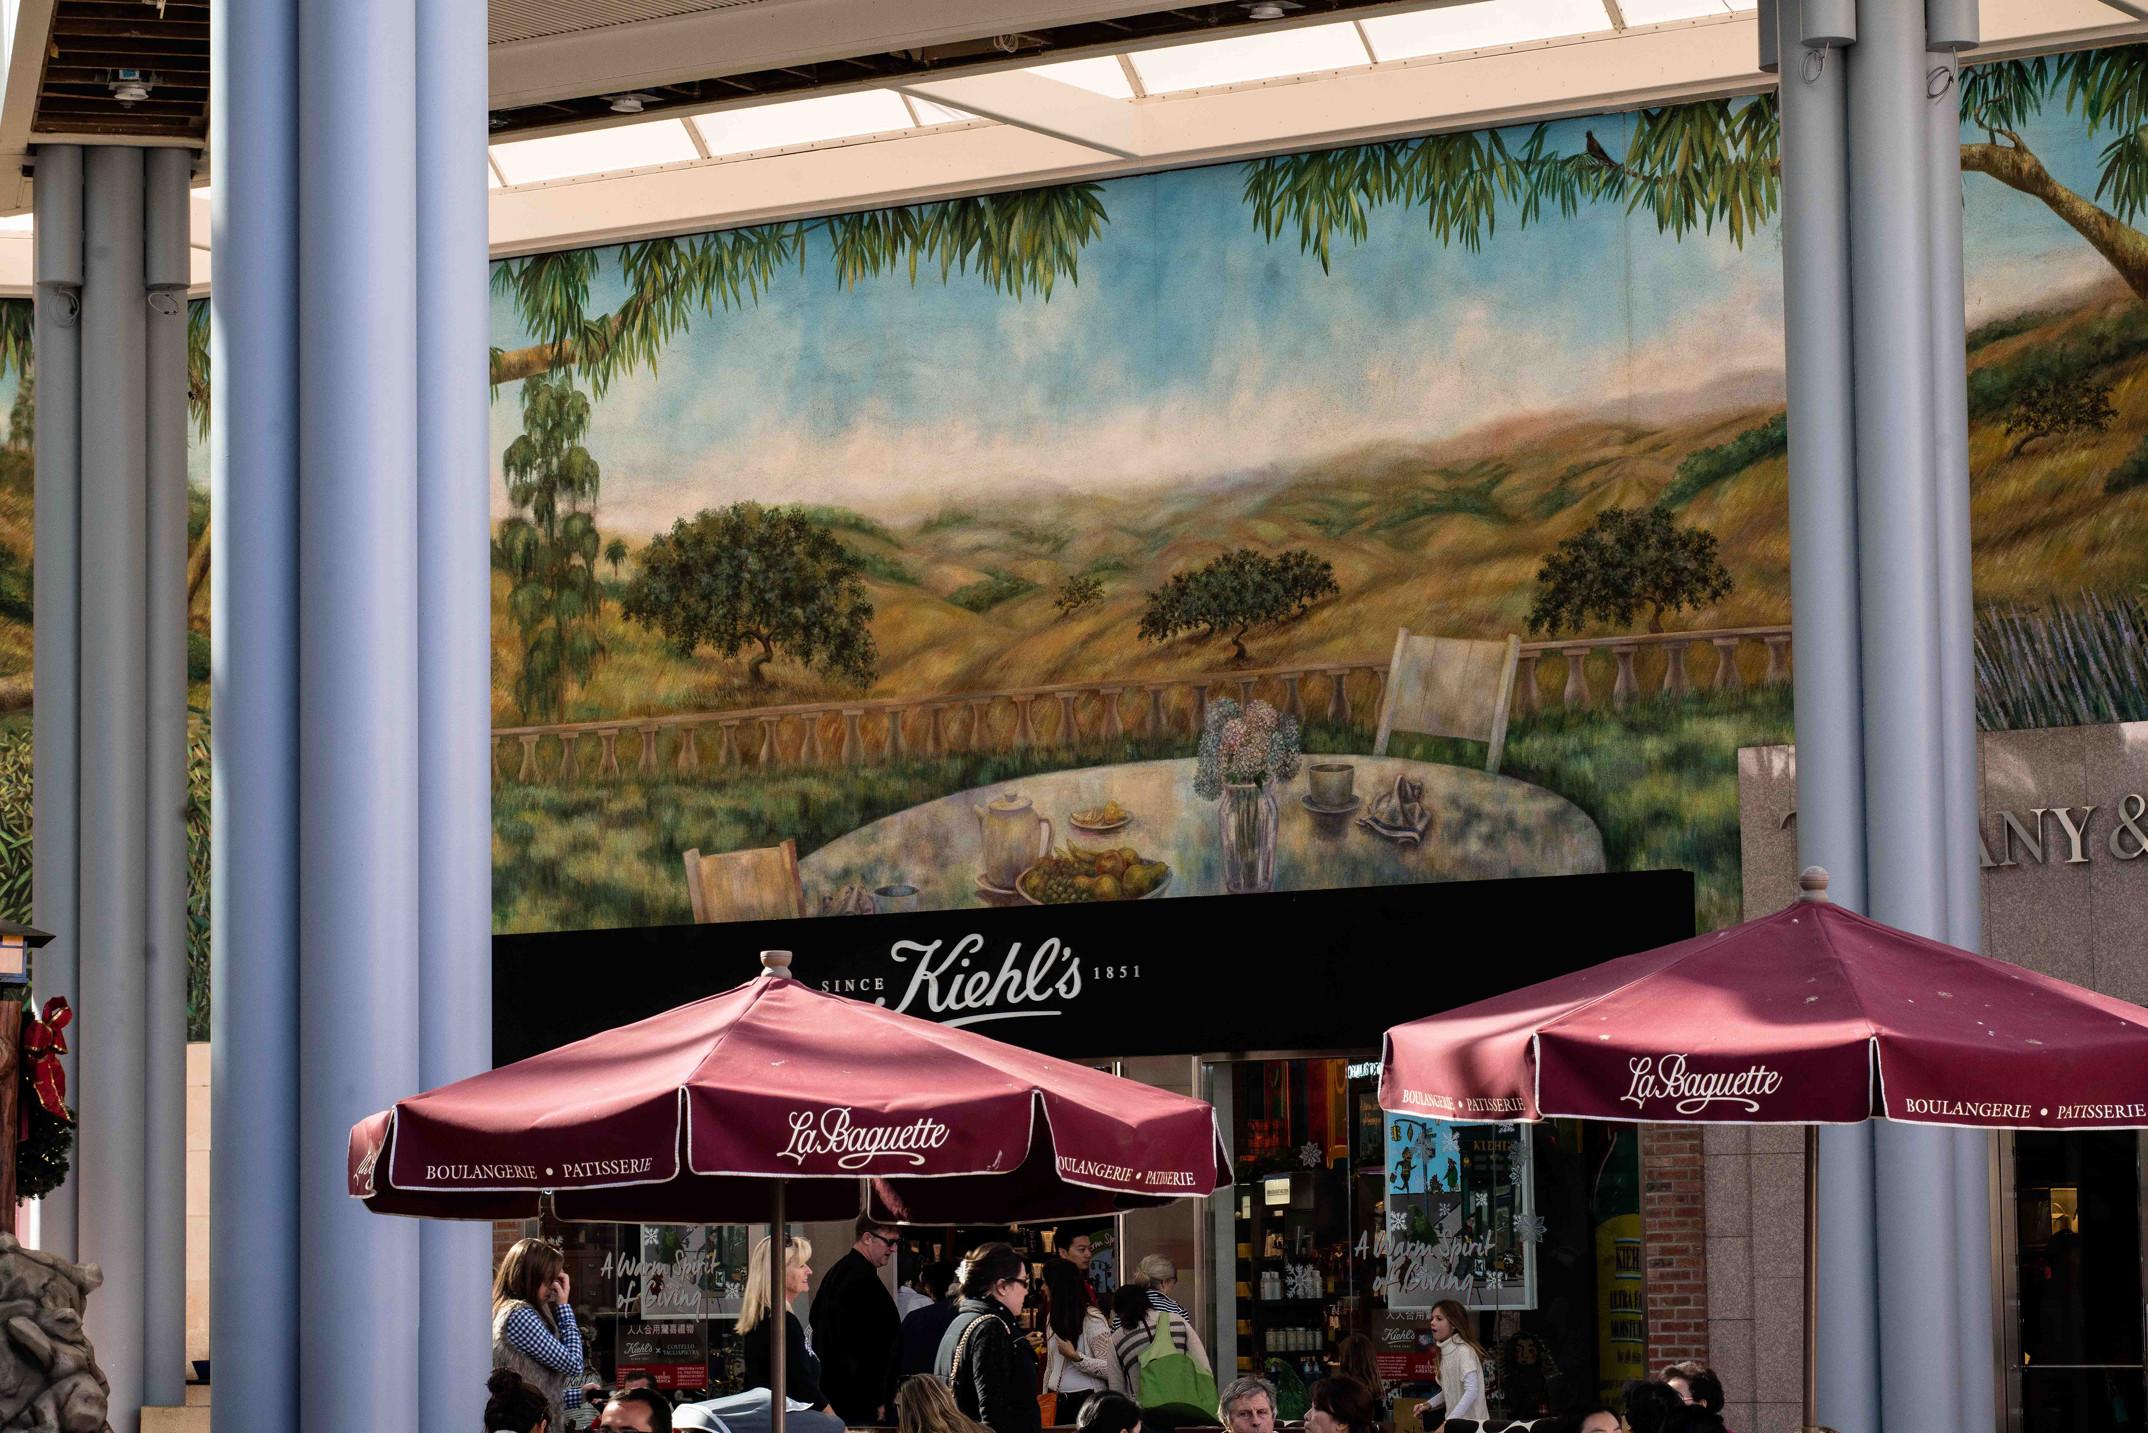 Mall Scene by rweissman in Regular Member Gallery